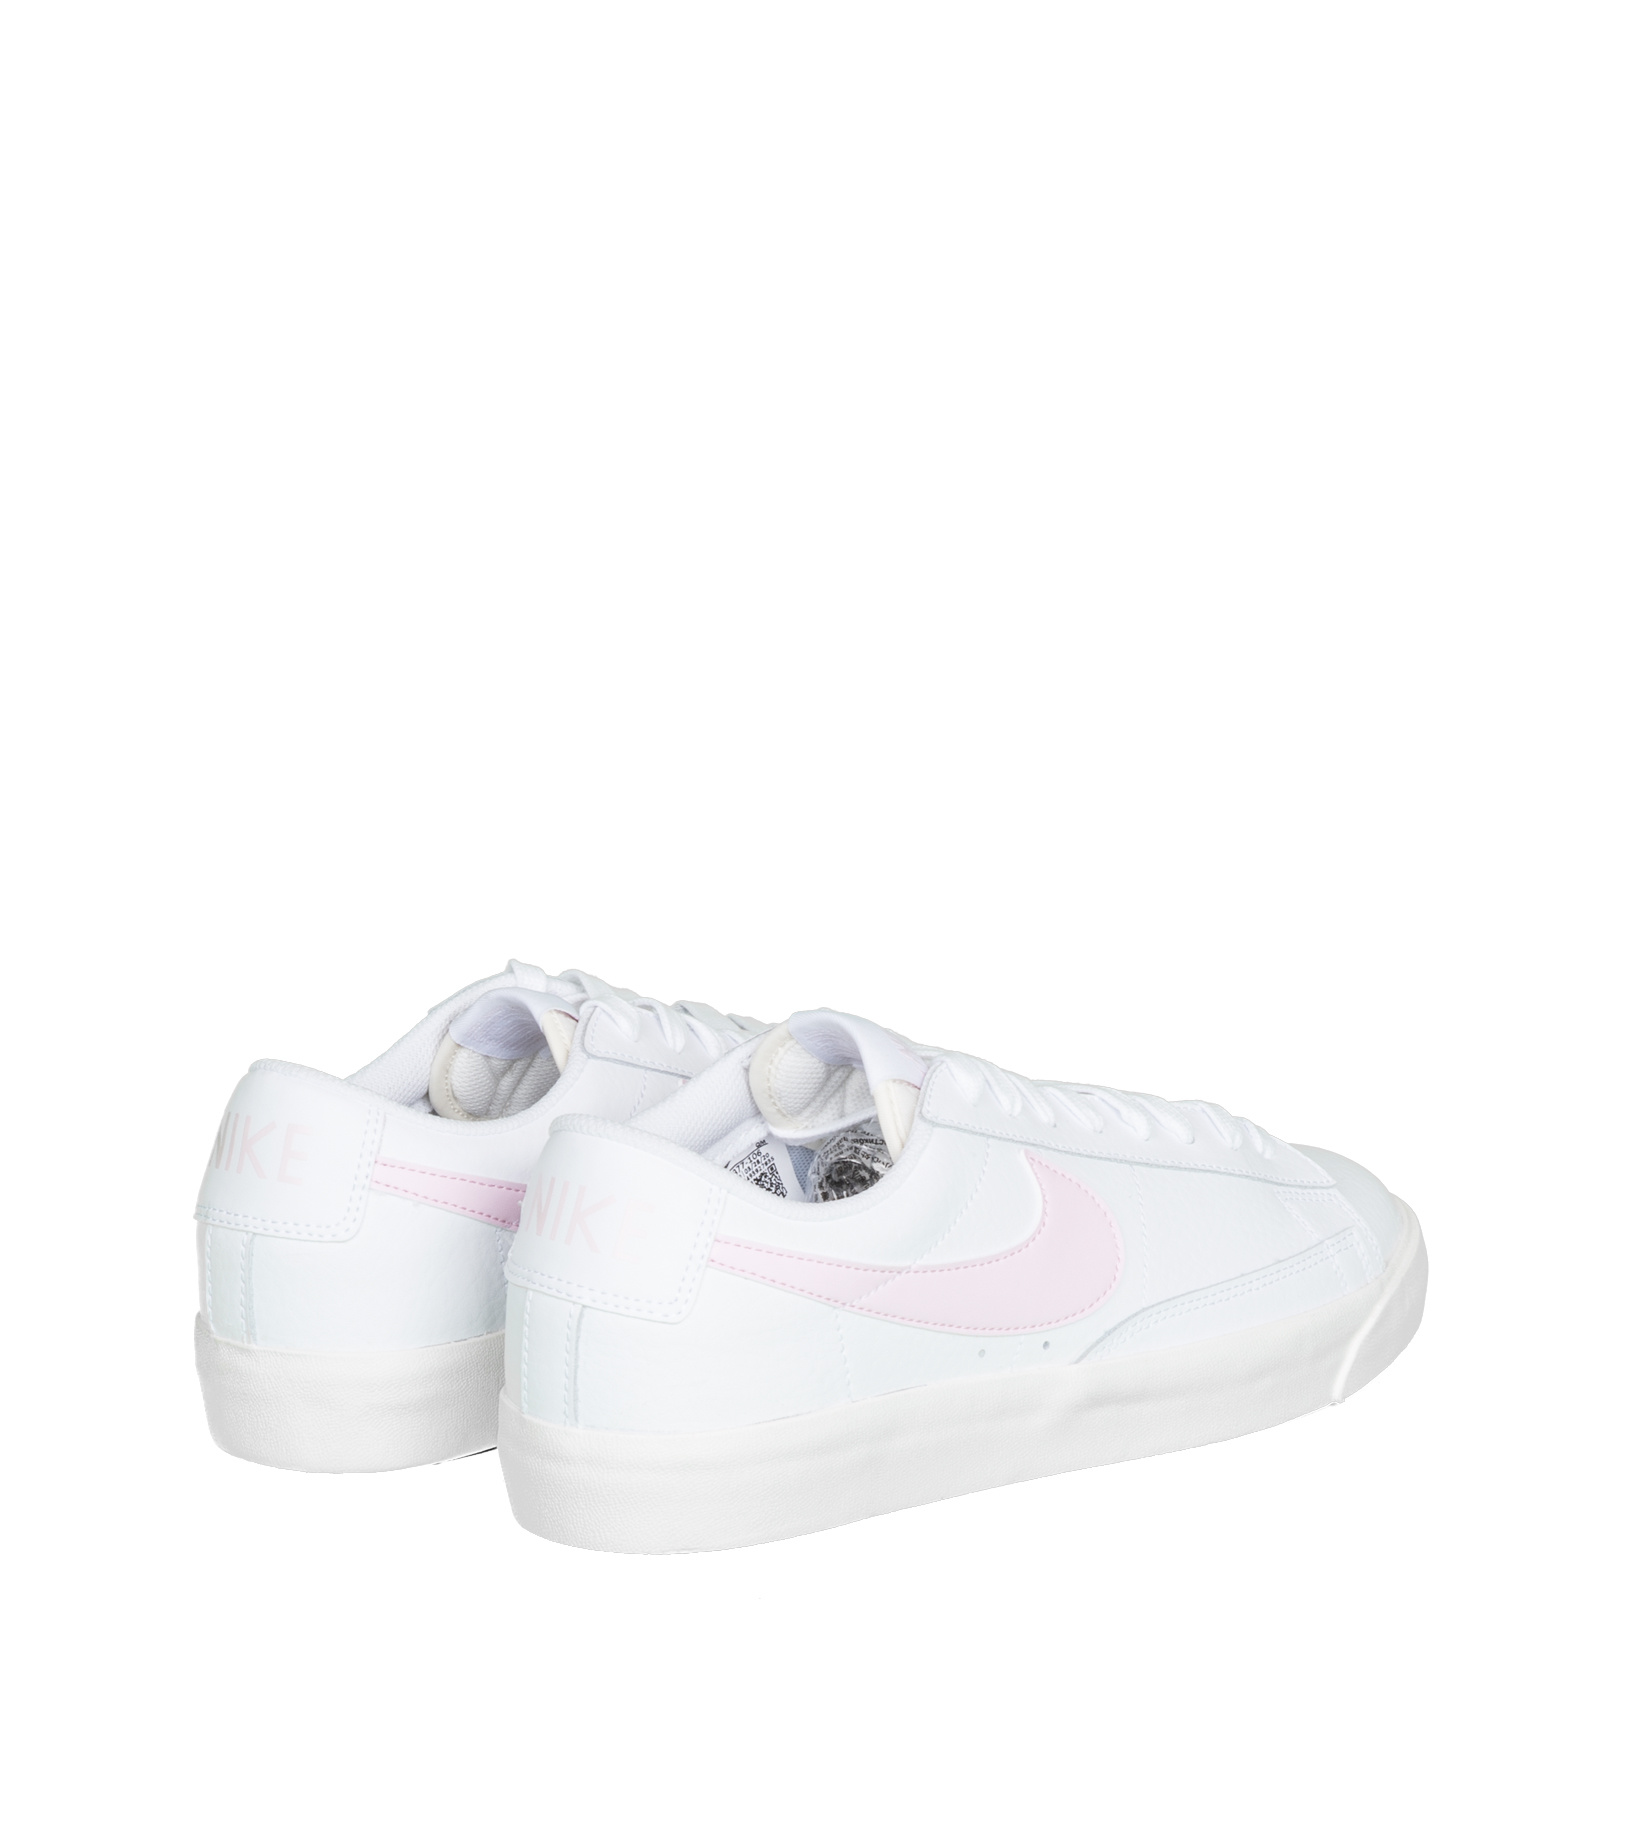 """Blazer Low Leather """"White/Pink Foam""""-2"""